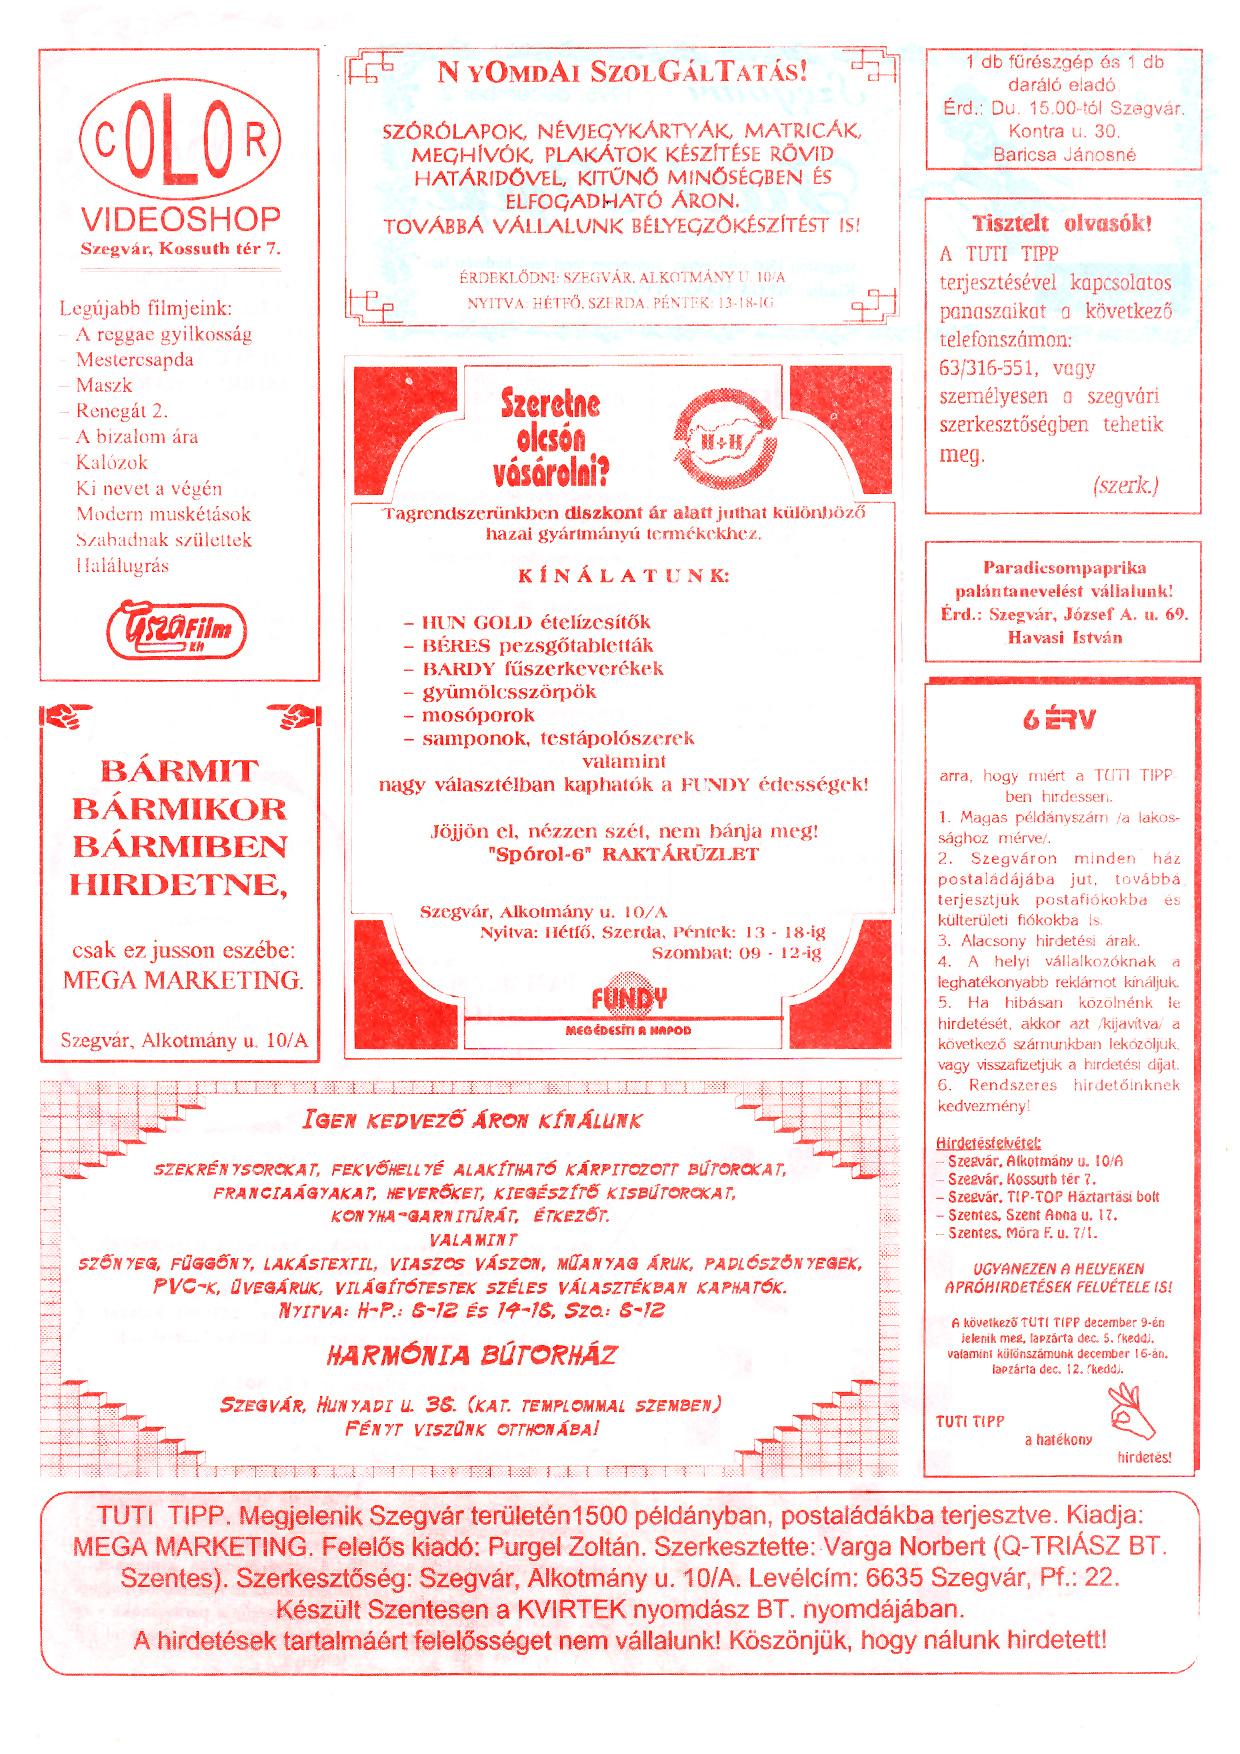 020 Szegvári Tuti Tipp reklámújság - 19951202-009. lapszám -2.oldal - I. évfolyam.jpg